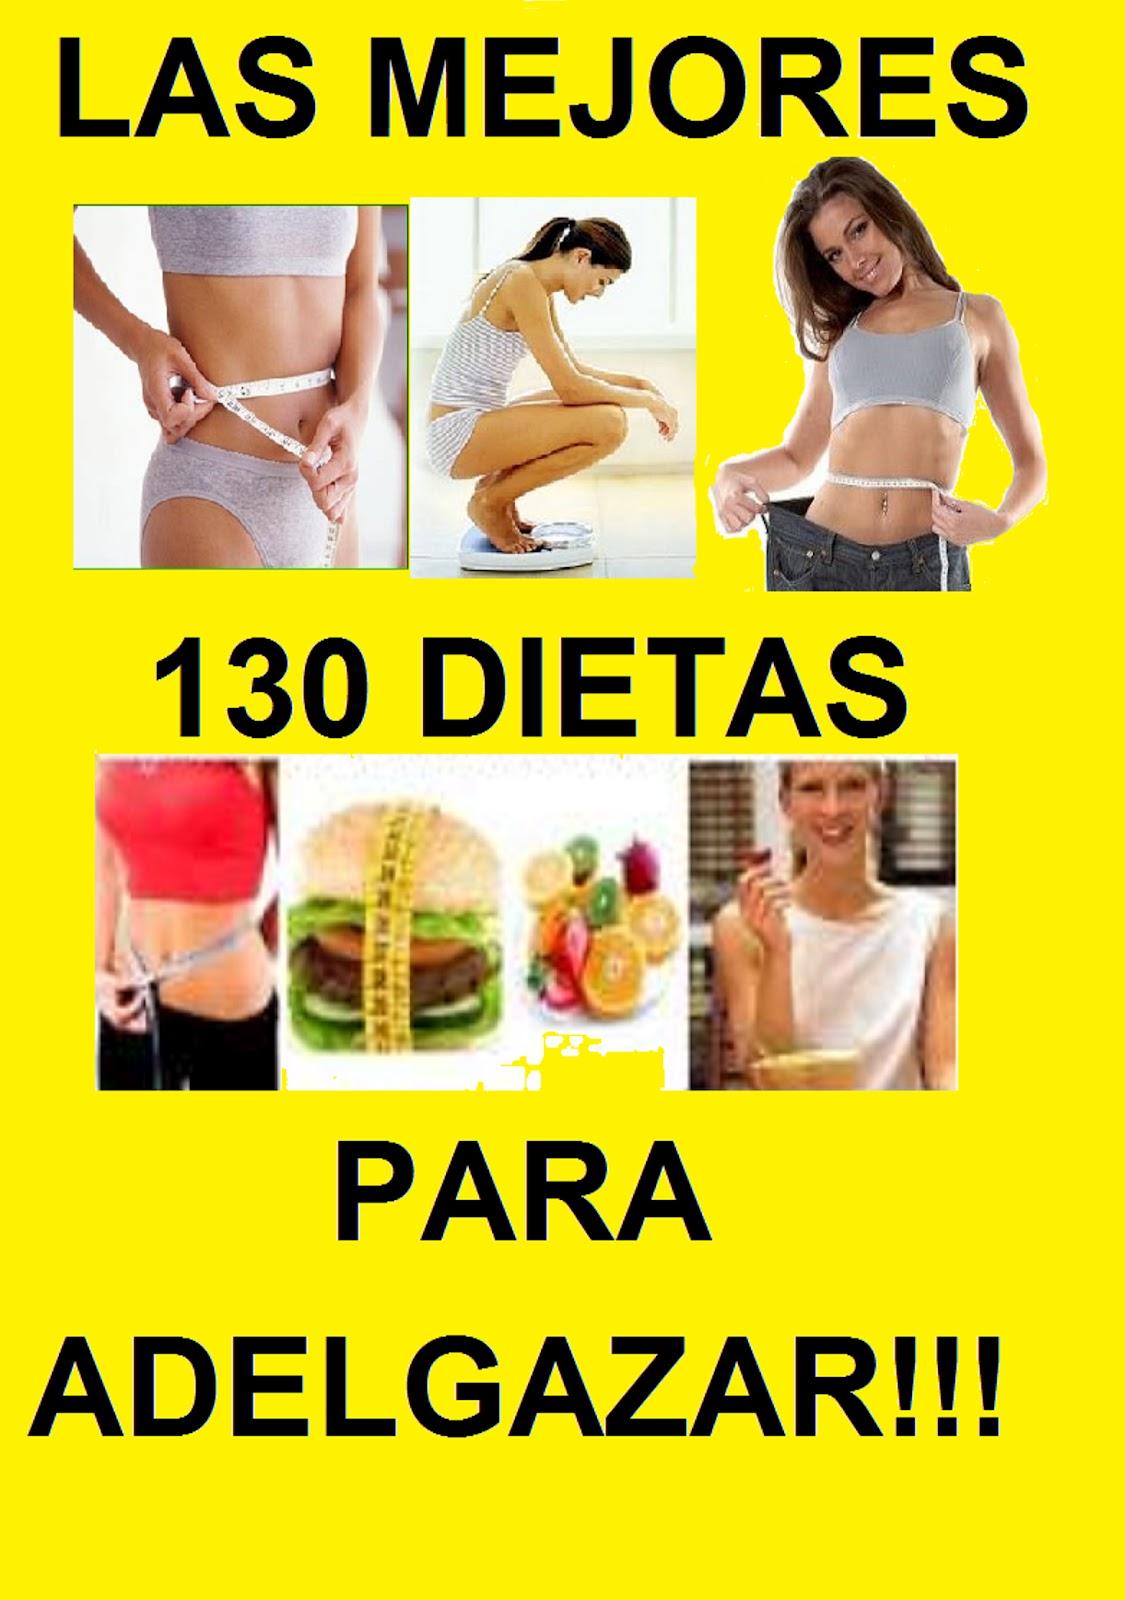 Dieta para quemar grasa corporal rapidamente muy muy importante